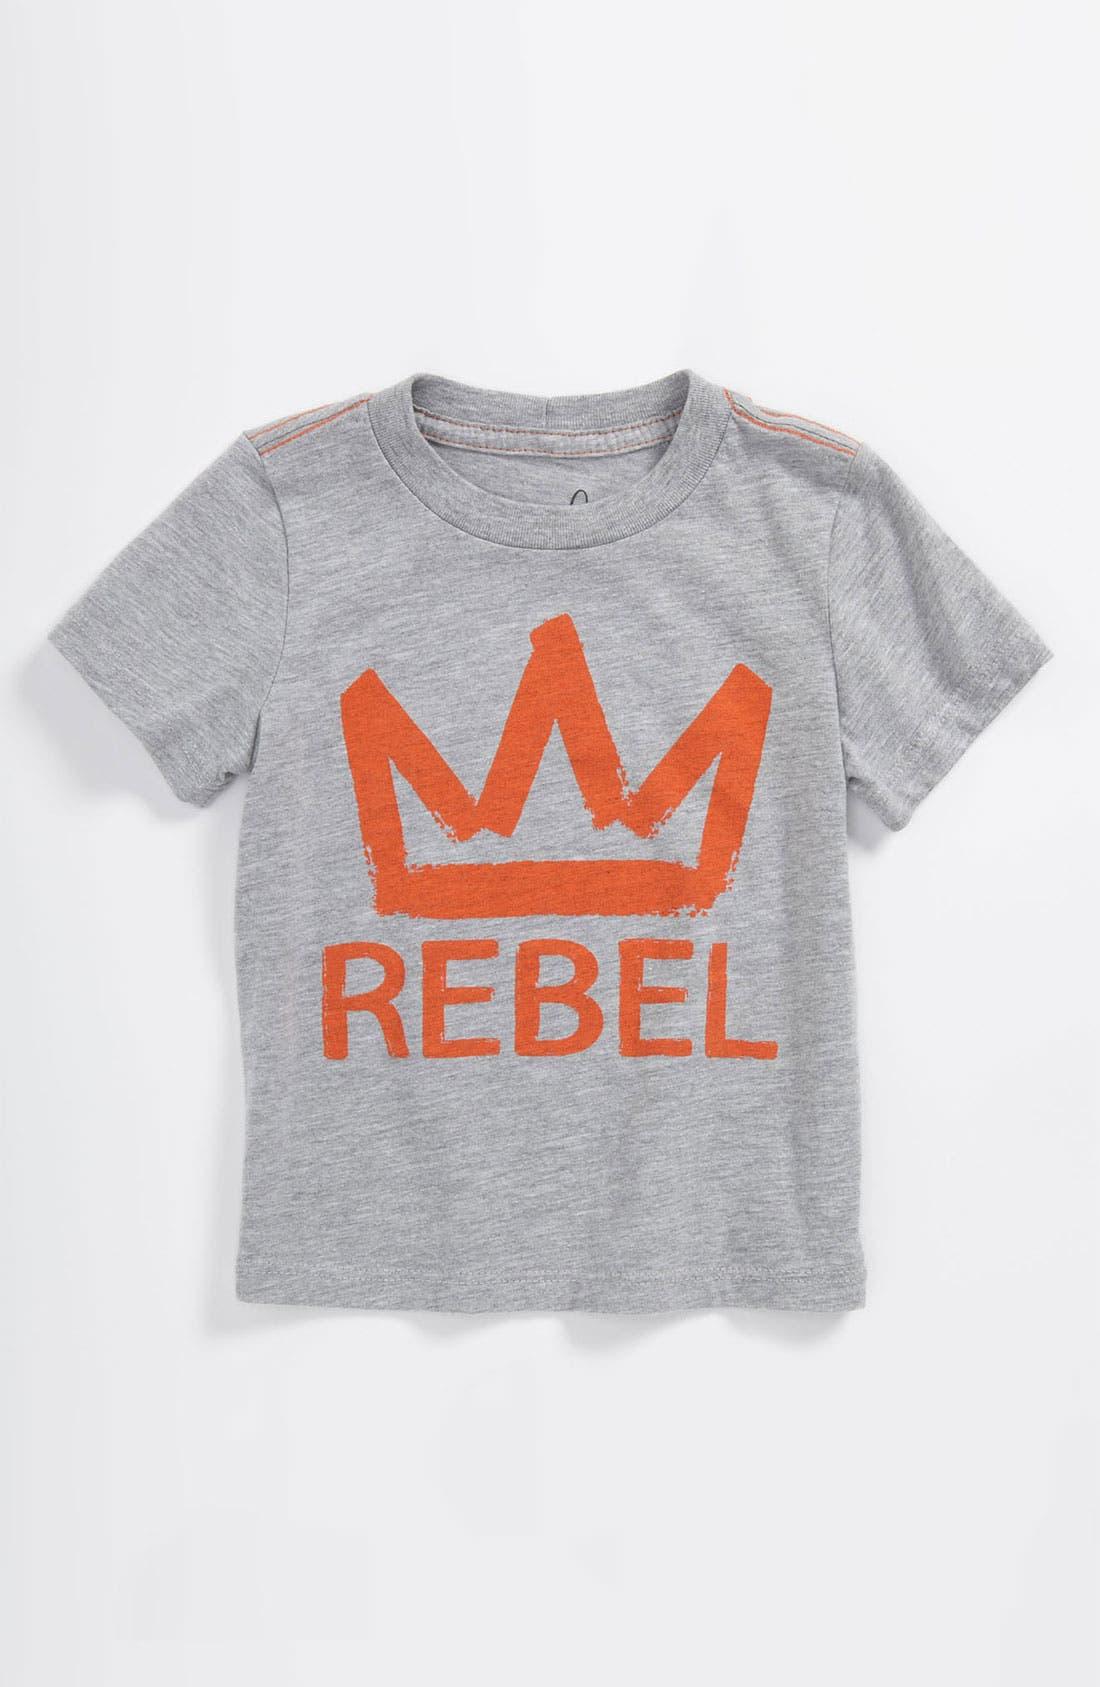 Main Image - Peek 'Rebel' Tee (Baby)